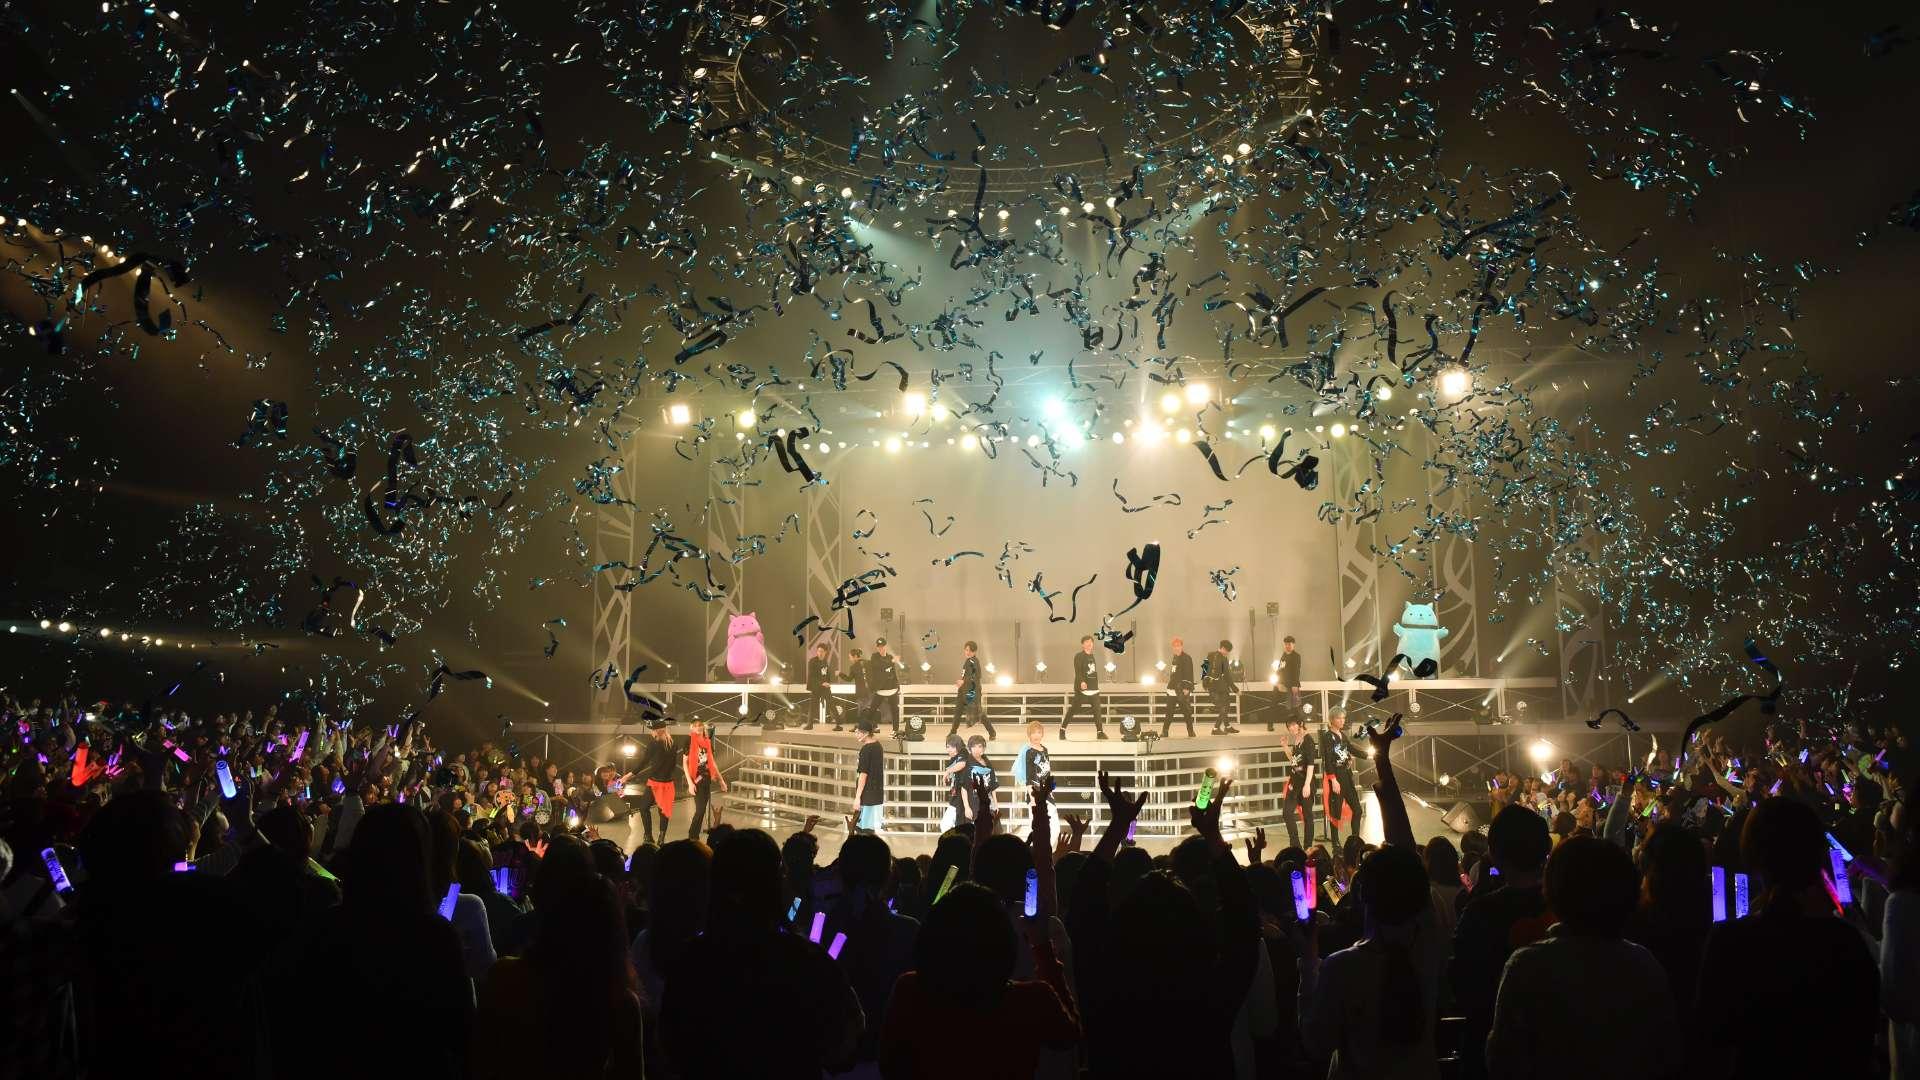 2.5次元ダンスライブ「SQ」ステージ BLAZING & FREEZING 夜公演